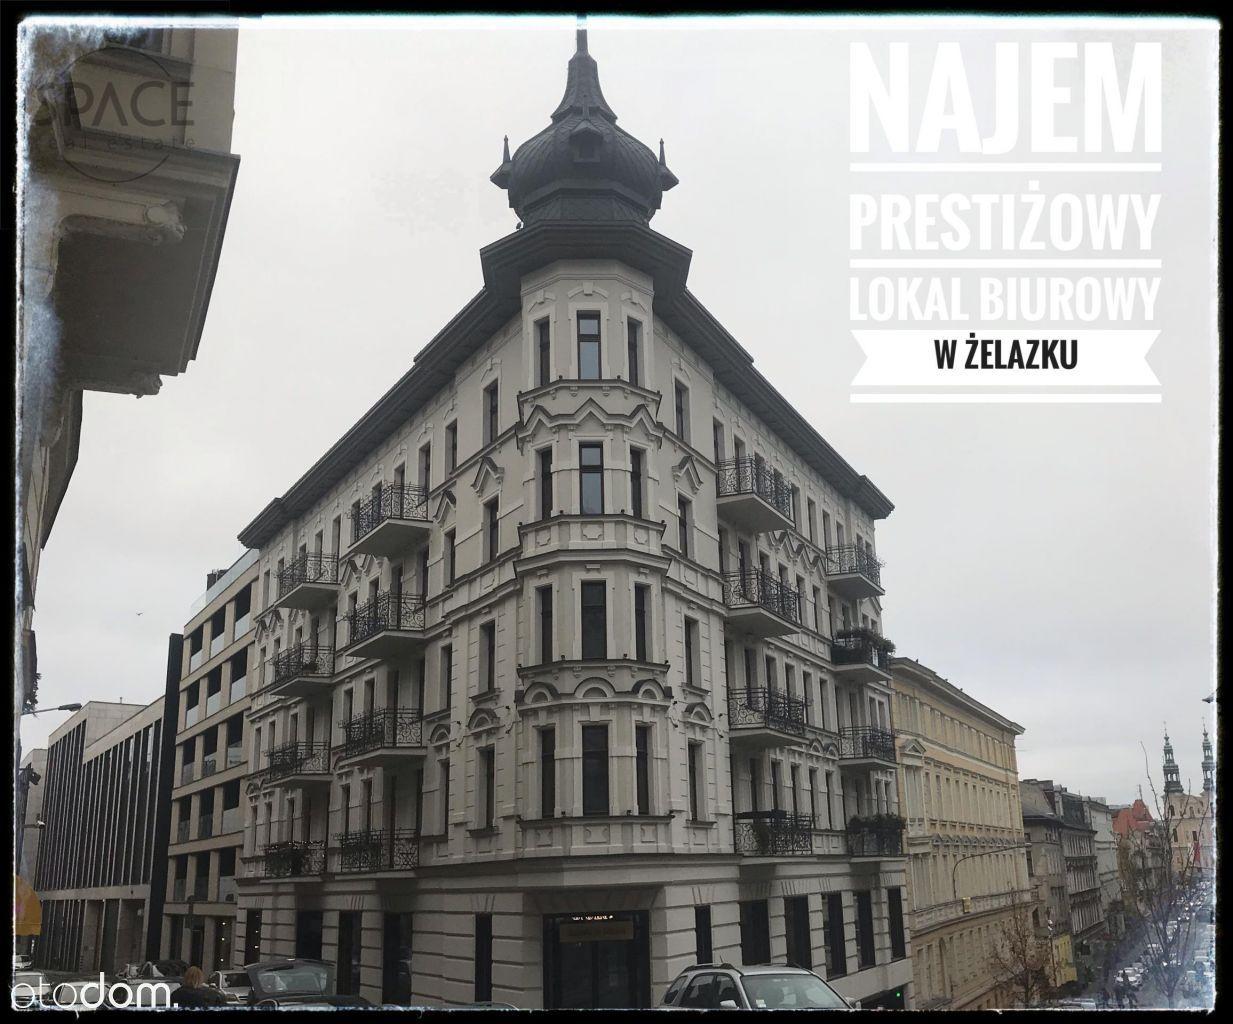 Lokal użytkowy, 110,74 m², Poznań